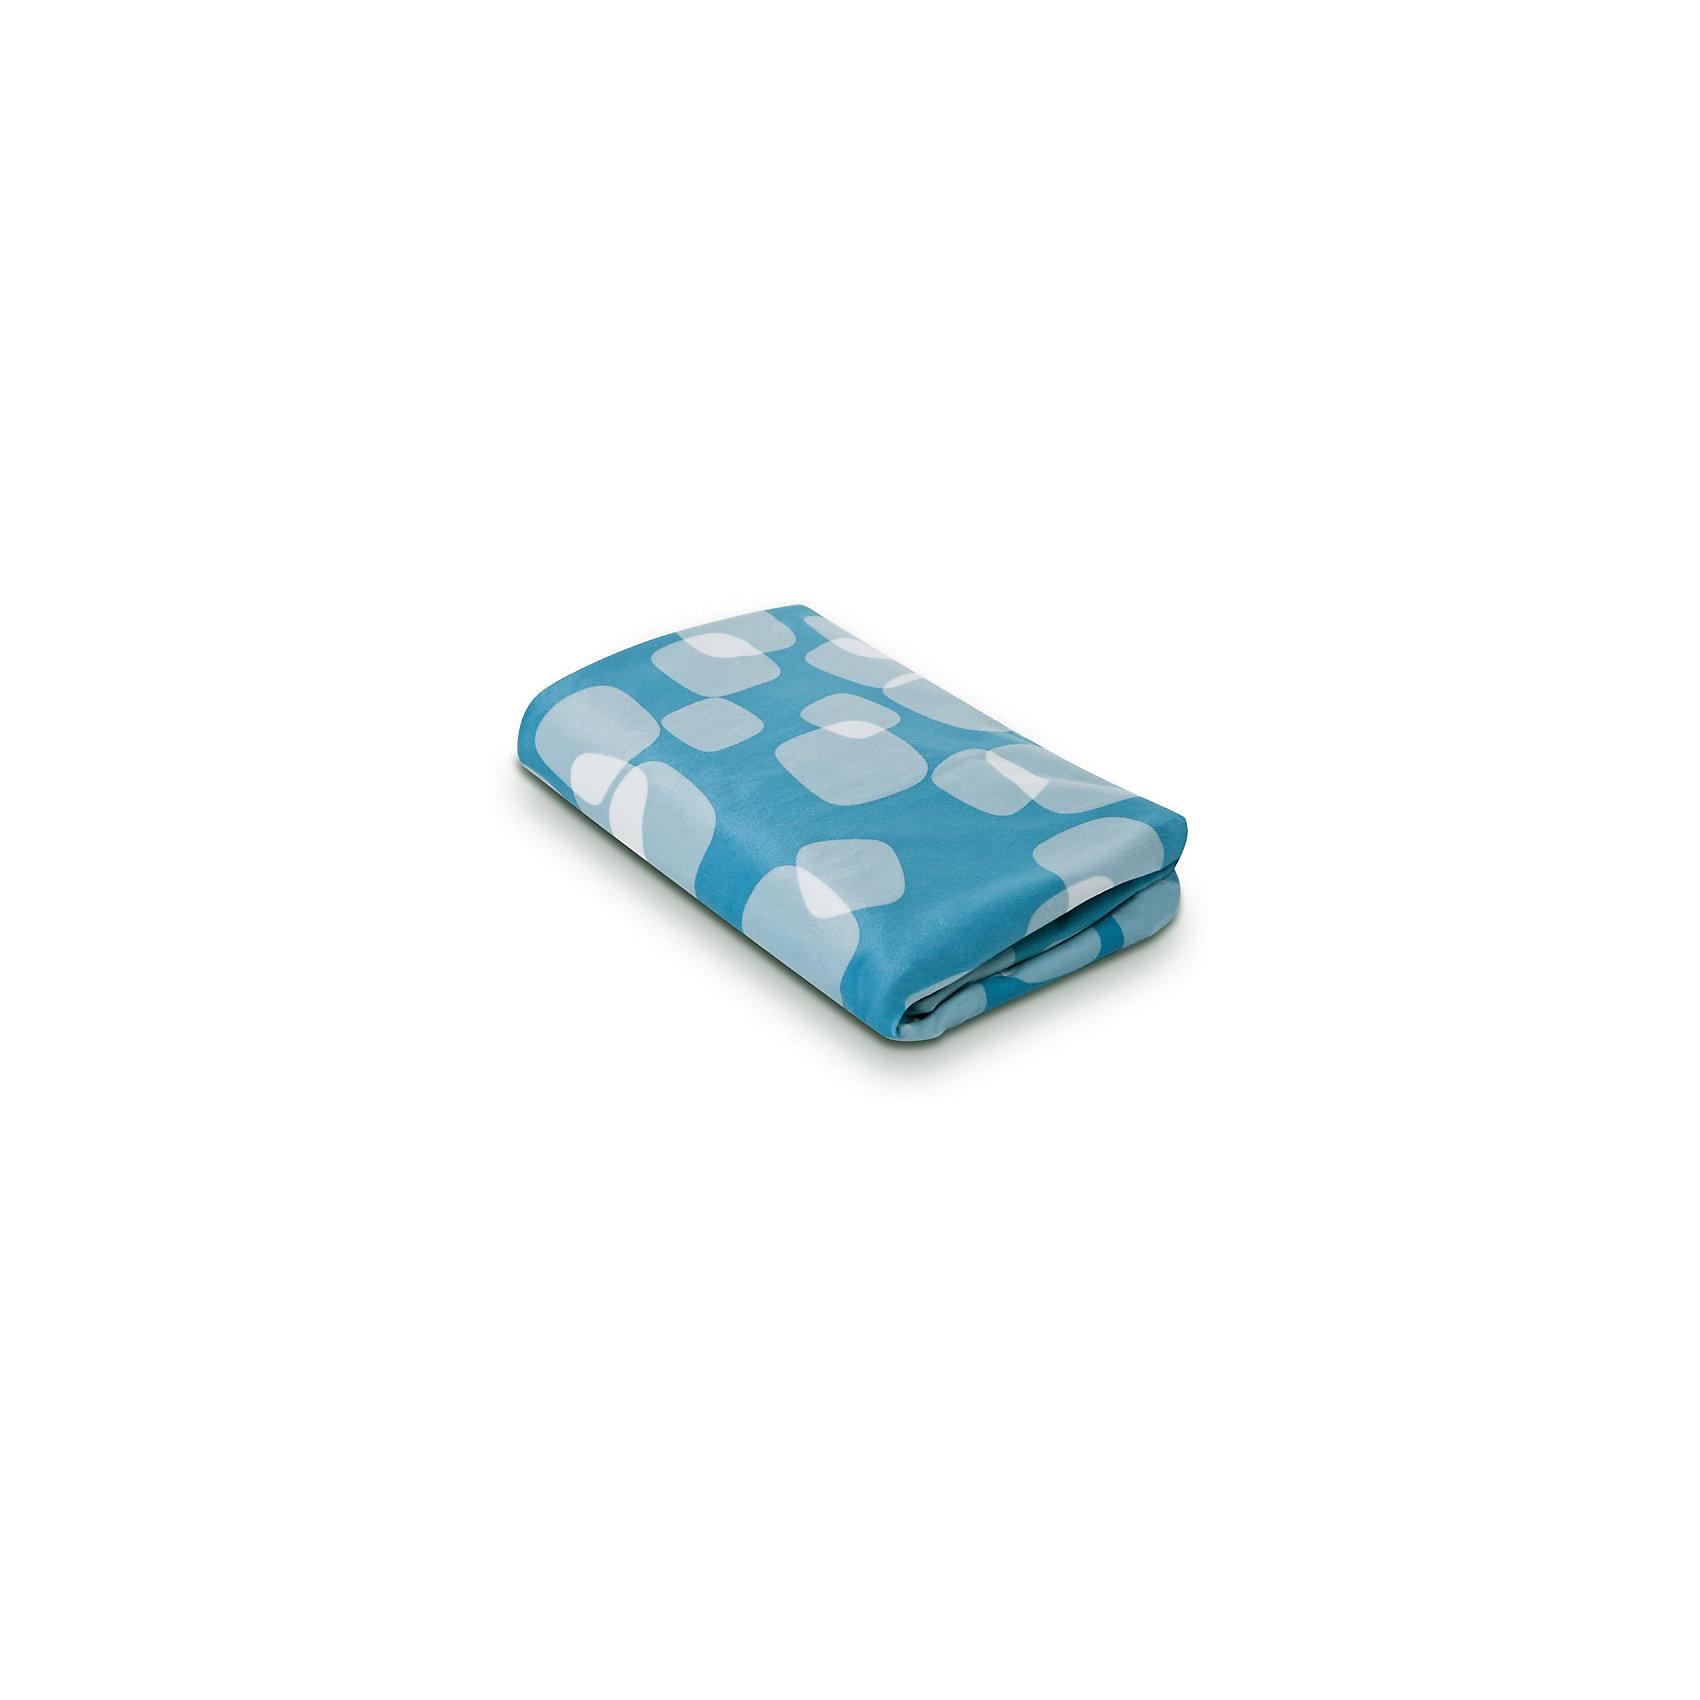 Наматрасник, нижний уровень, 4moms, бриз/голубой,Постельное бельё<br>Характеристики товара:<br><br>• возраст с рождения;<br>• материал: плюш;<br>• размер упаковки 27х20х5 см;<br>• вес упаковки 500 гр.;<br>• страна производитель: США<br><br>Наматрасник 4moms для нижнего уровня Breeze голубой подойдет для манежа-кроватки Breeze. Он изготовлен из мягкого материала, приятного на ощупь, безопасного для малышей. Специальная водоотталкивающая пропитка не дает возможности стекать жидкости и защищает манеж.<br><br>Наматрасник 4moms для нижнего уровня Breeze голубой можно приобрести в нашем интернет-магазине.<br><br>Ширина мм: 270<br>Глубина мм: 200<br>Высота мм: 50<br>Вес г: 500<br>Возраст от месяцев: 0<br>Возраст до месяцев: 36<br>Пол: Унисекс<br>Возраст: Детский<br>SKU: 5572070